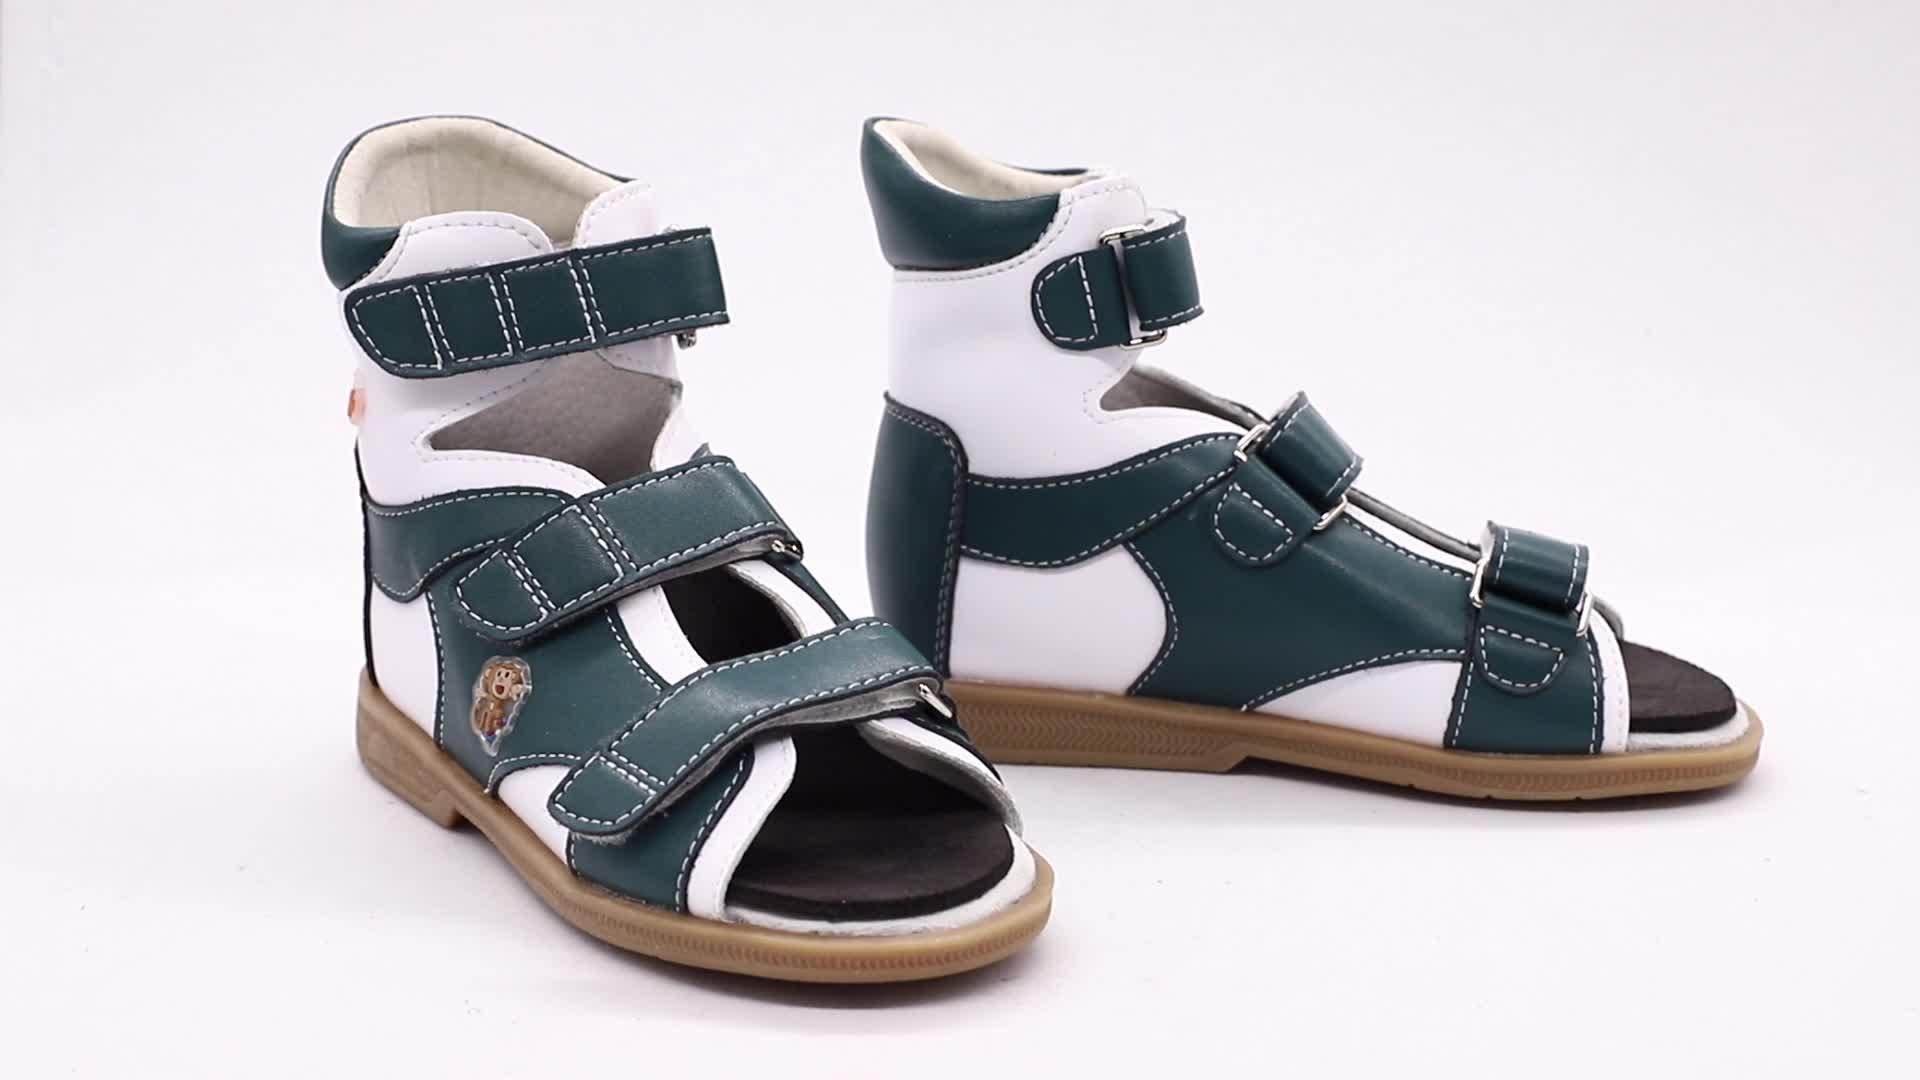 Sandales orthopédiques pour enfants   Chaussures d'été respirantes et à la mode, sandales orthopédiques pour enfants